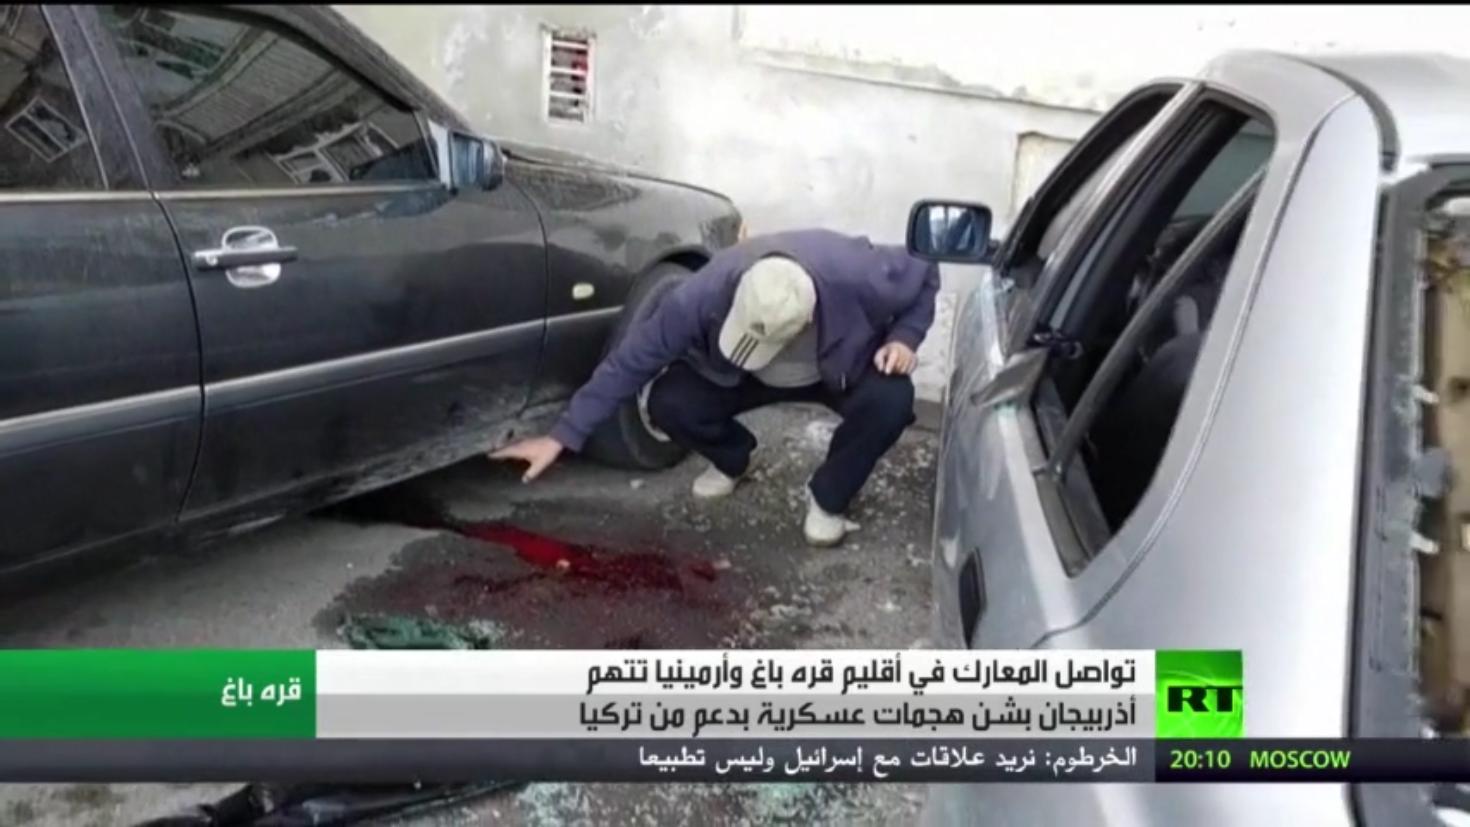 باشنيان: منطقة قره باغ تتعرض لهجوم واسع